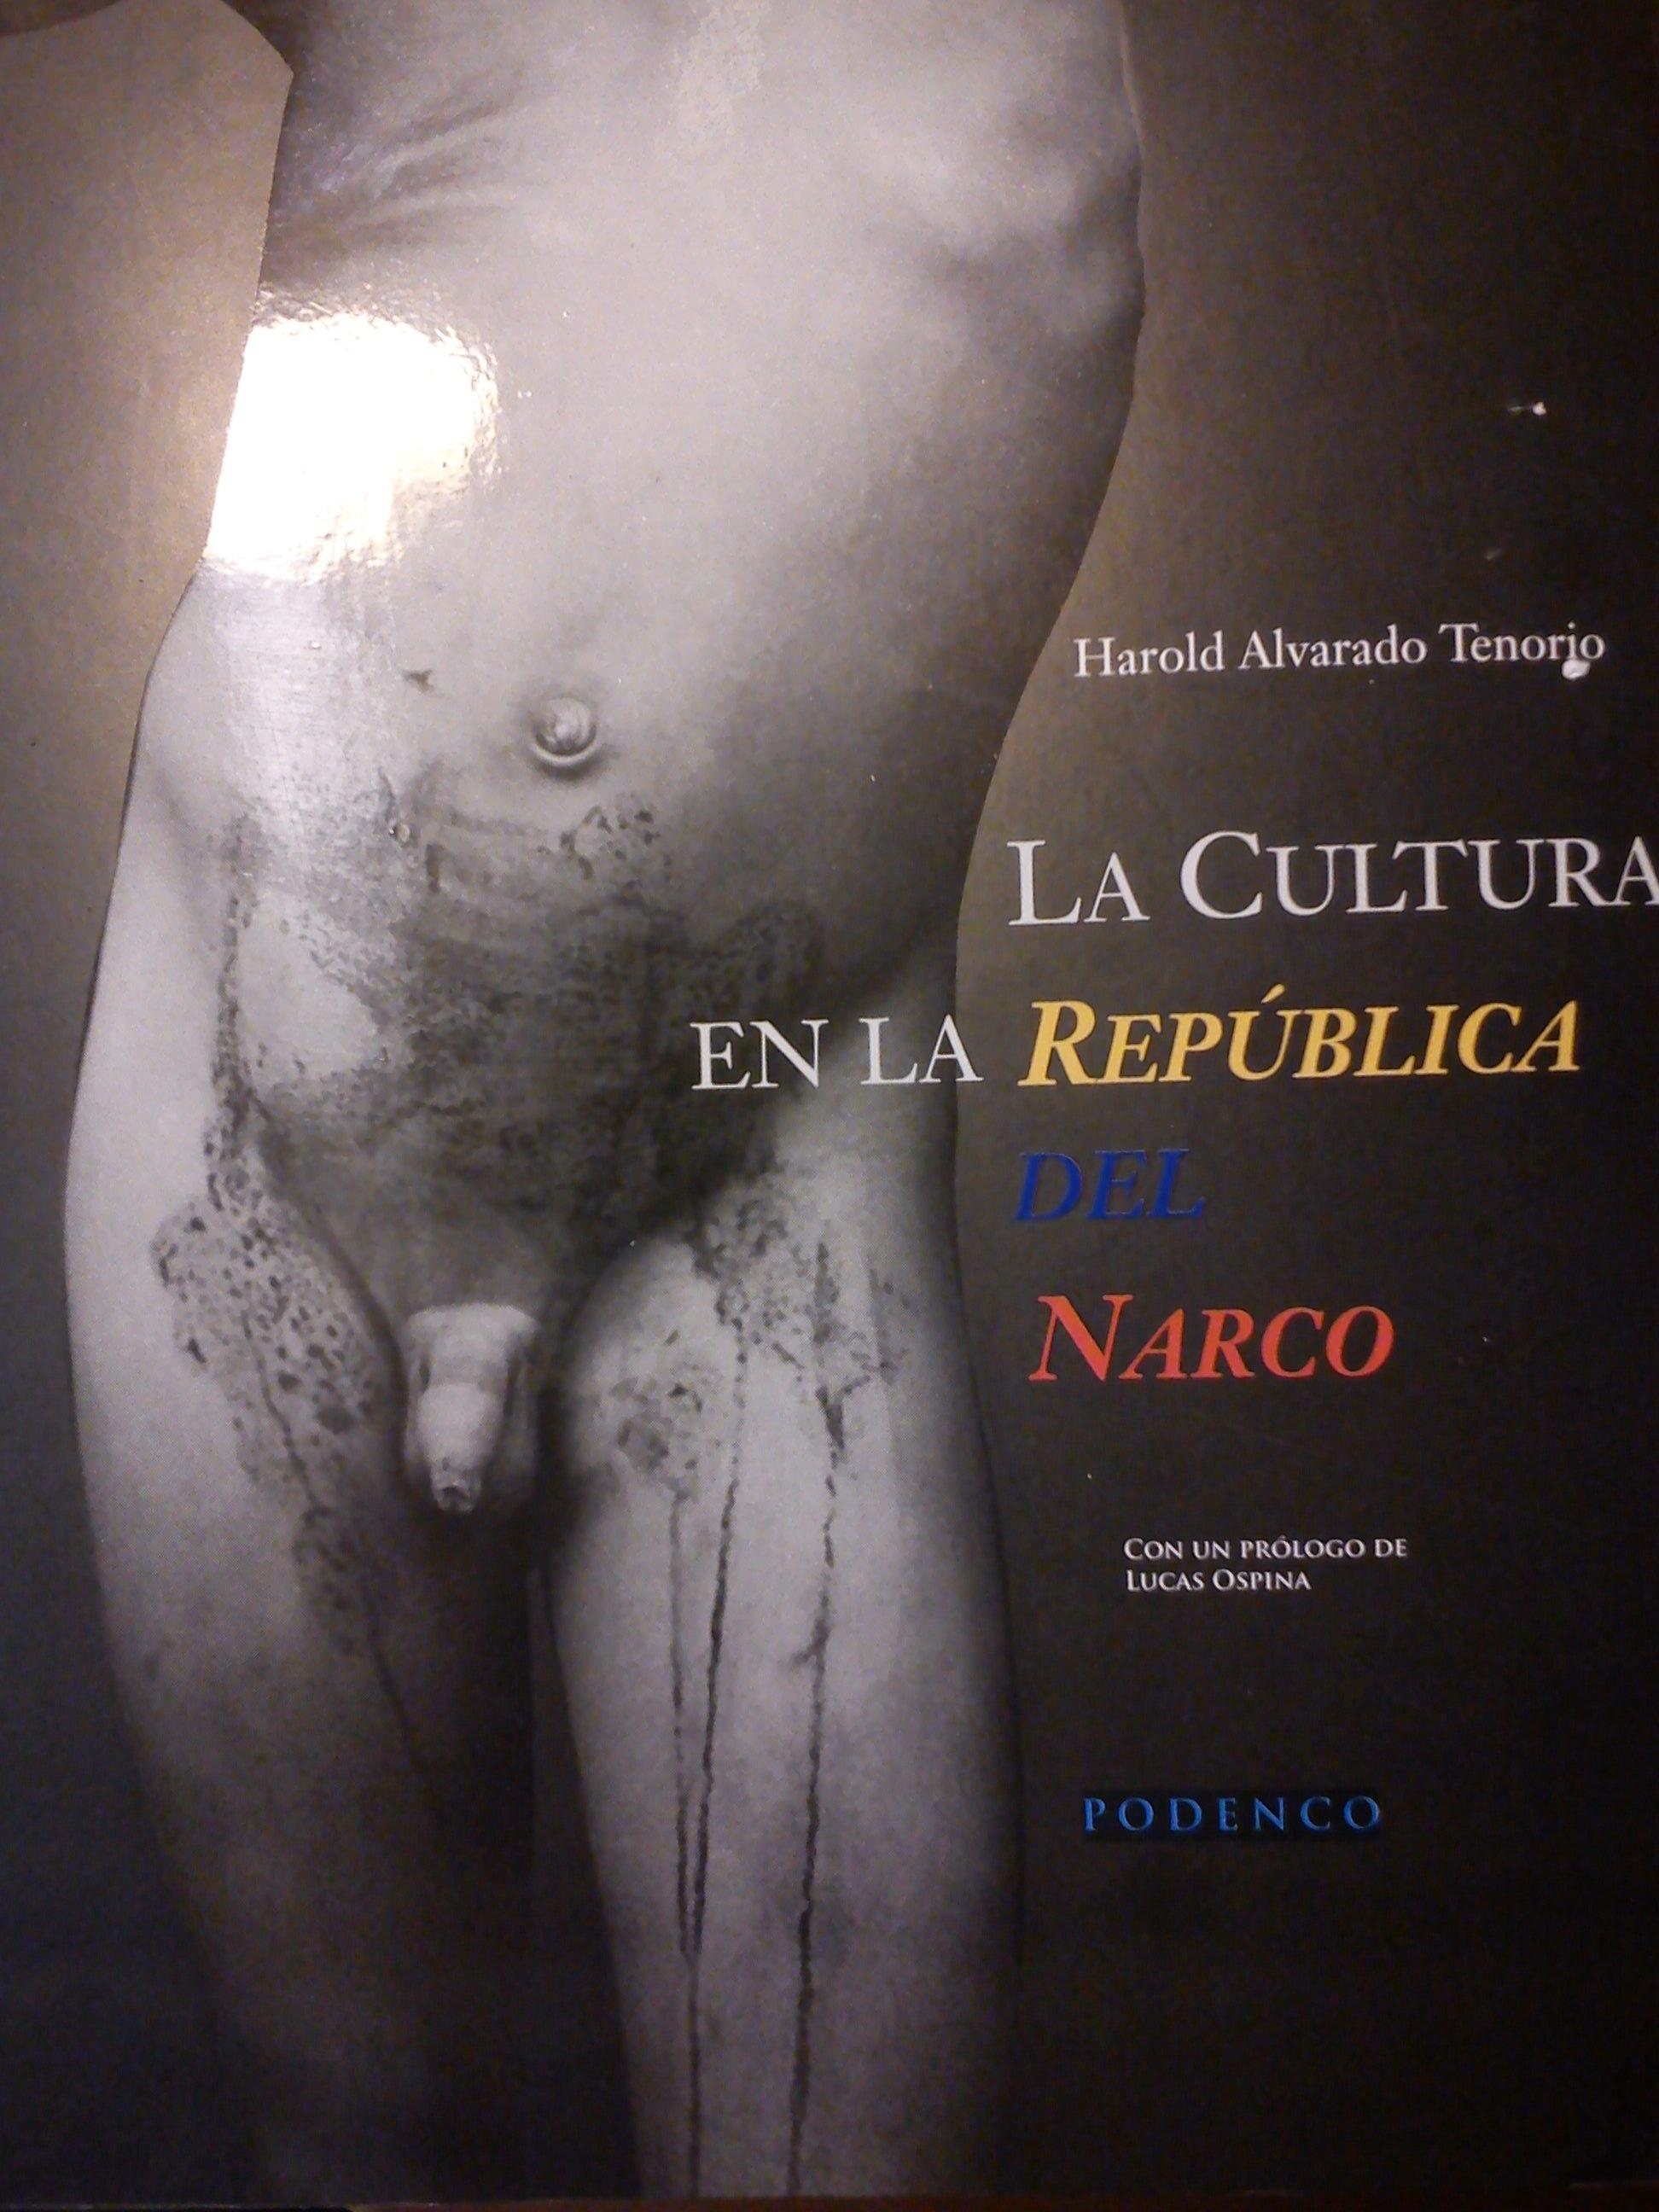 La cultura en la republica del narco, Tenorio